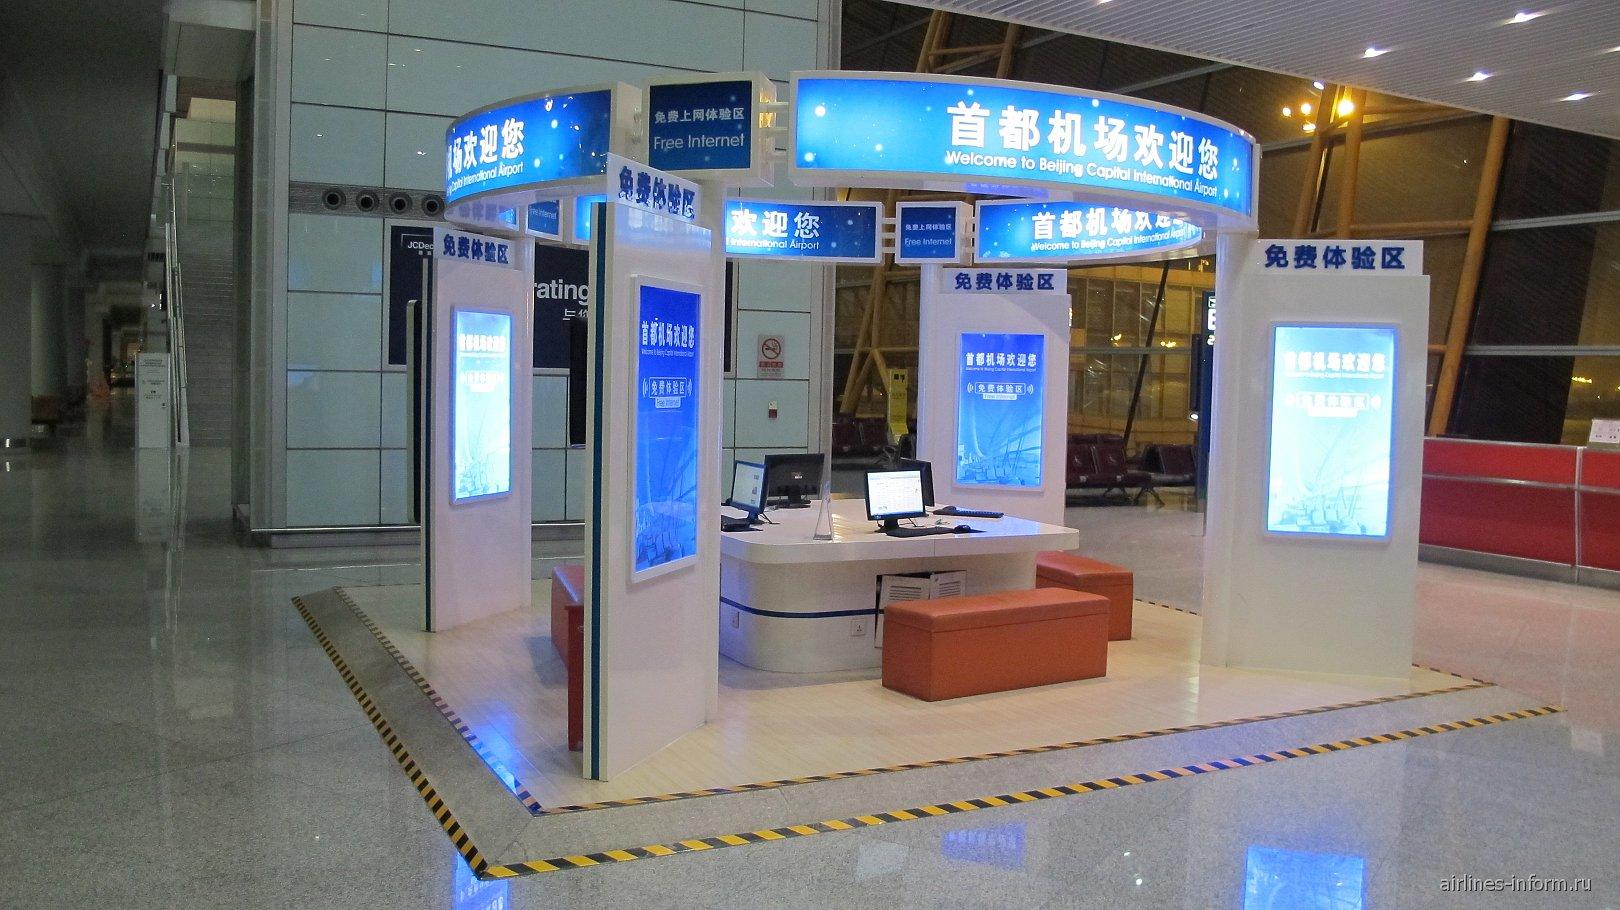 Бесплатный доступ в Интернет в терминале 3 аэропорта Пекин Столичный